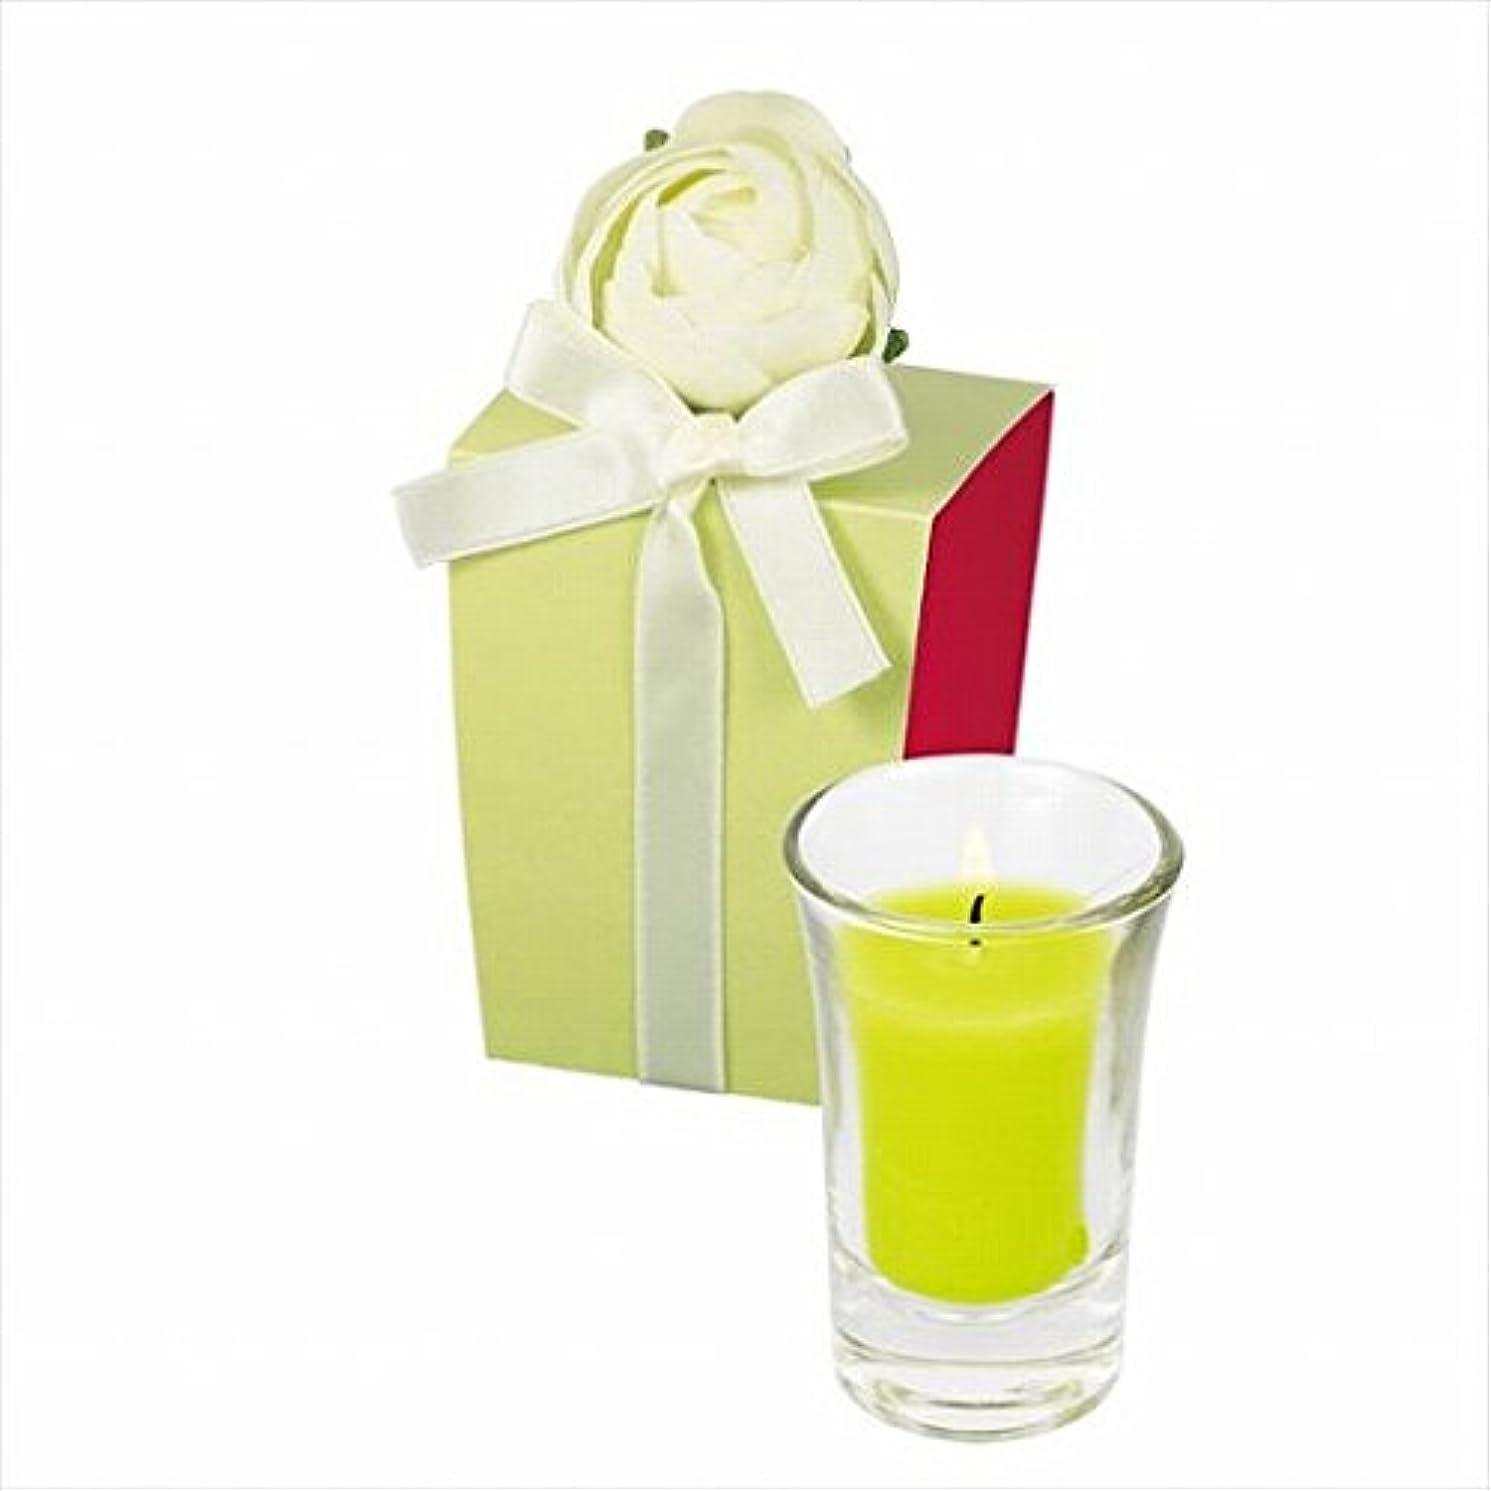 融合触手サーフィンカメヤマキャンドル(kameyama candle) ラナンキュラスグラスキャンドル 「 ライトグリーン 」